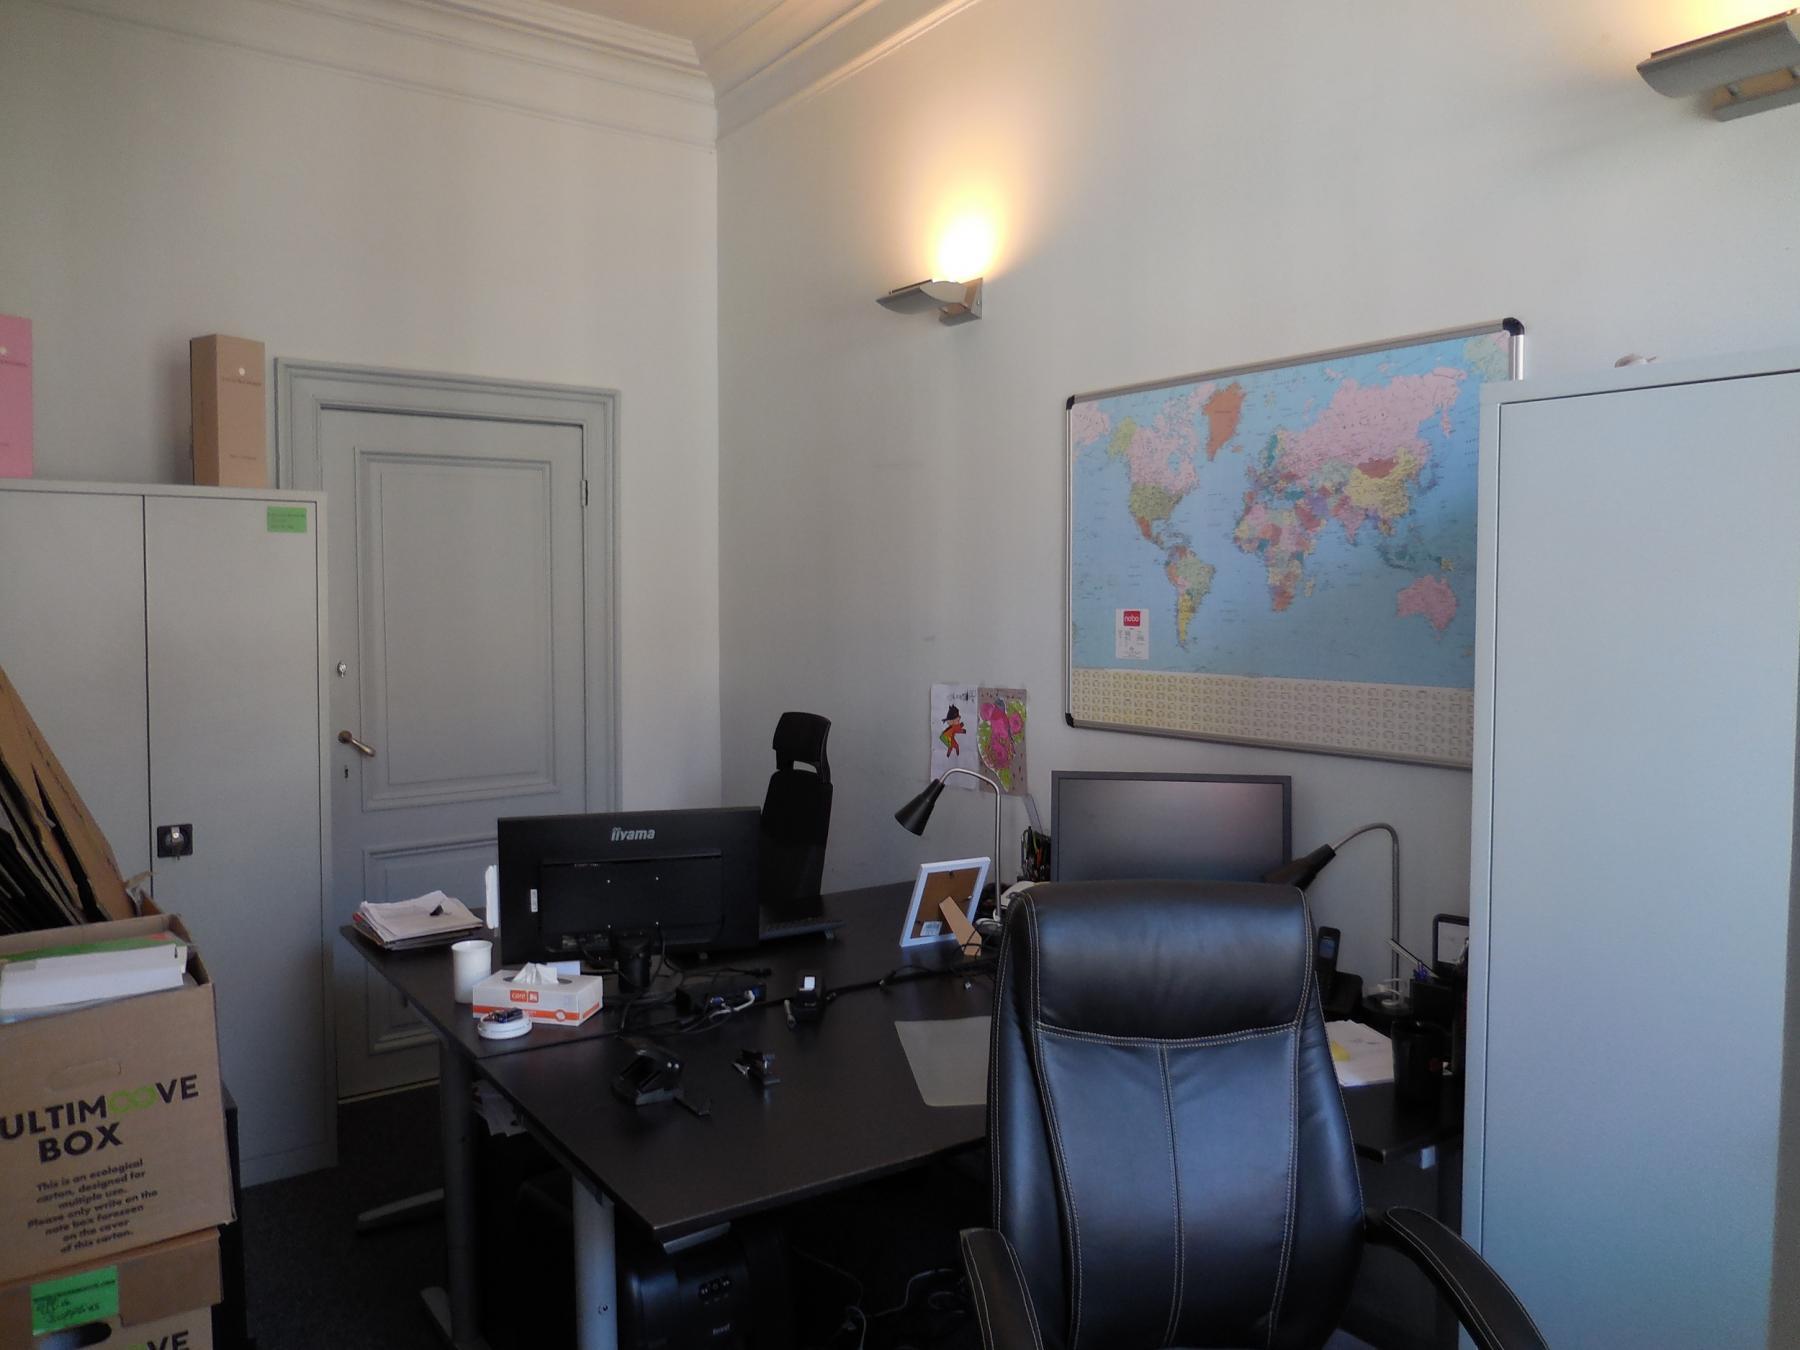 Rent office space Rue des Deux Eglises 37-39 37-39, Brussel (19)